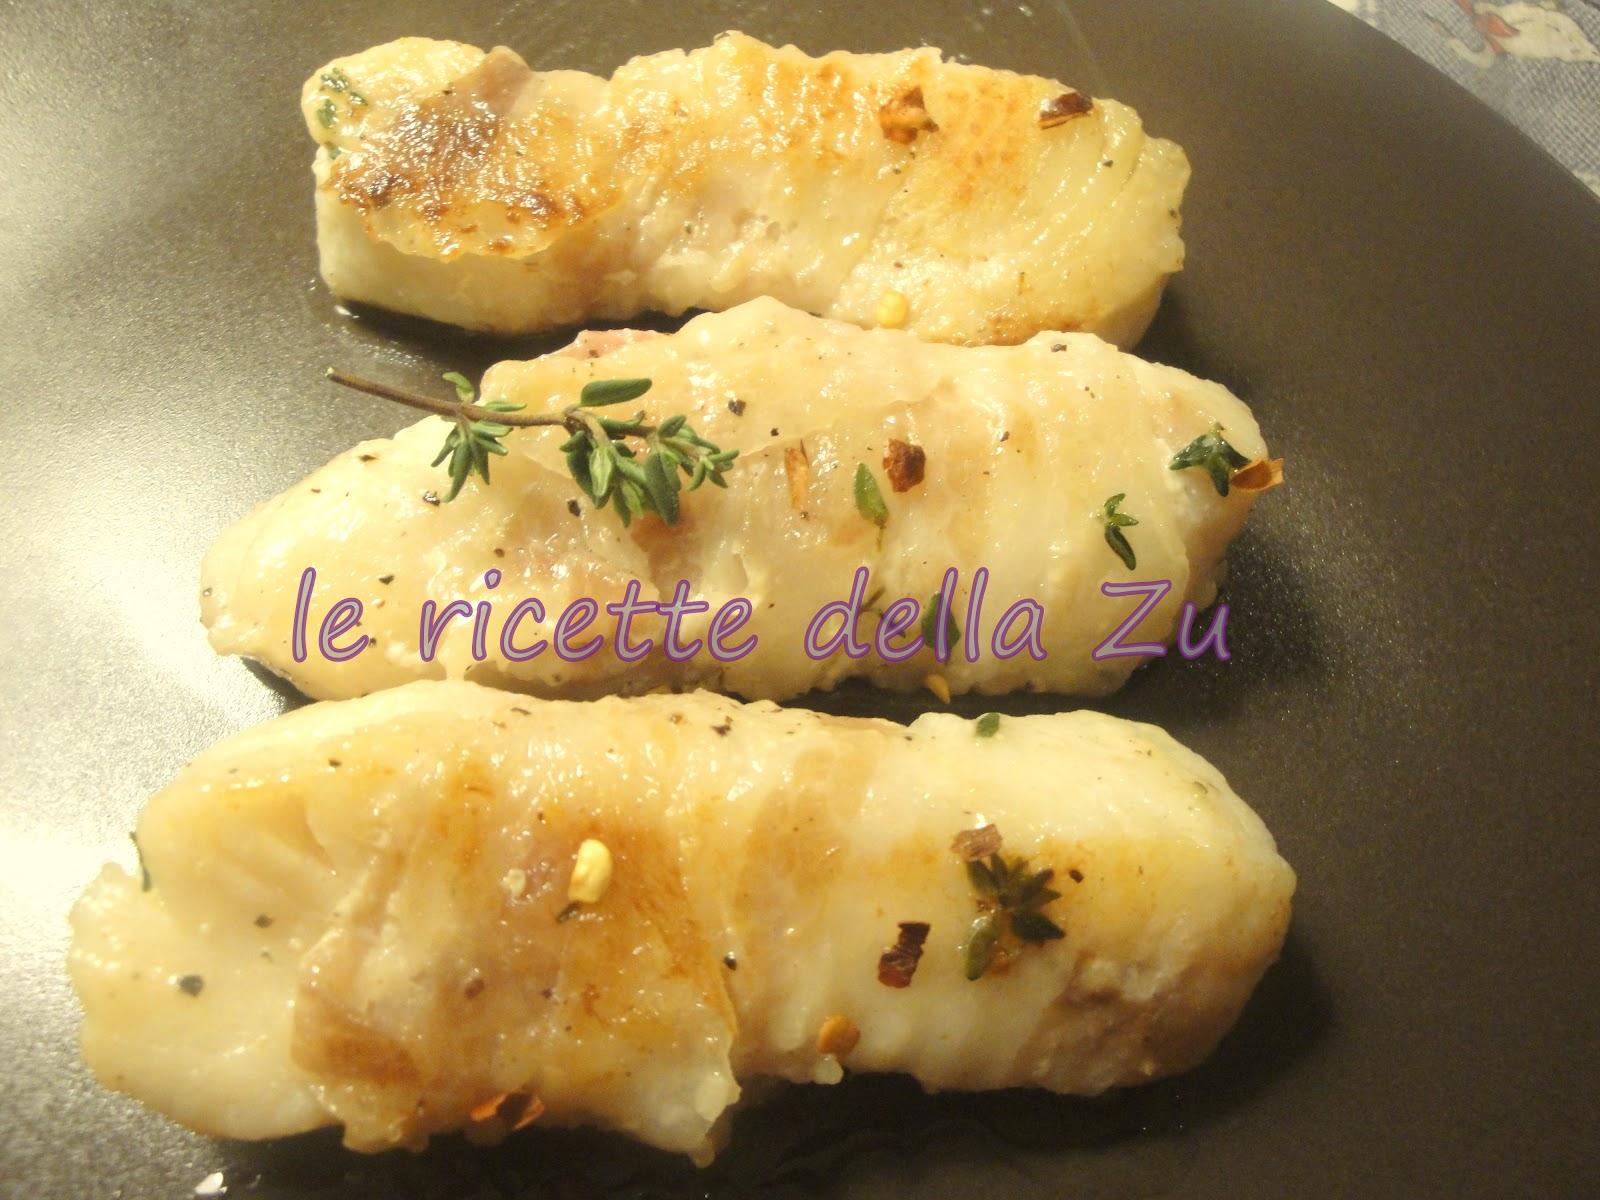 le ricette della zu: trancetti di merluzzo con pancetta profumati ... - Cucinare Filetto Di Merluzzo